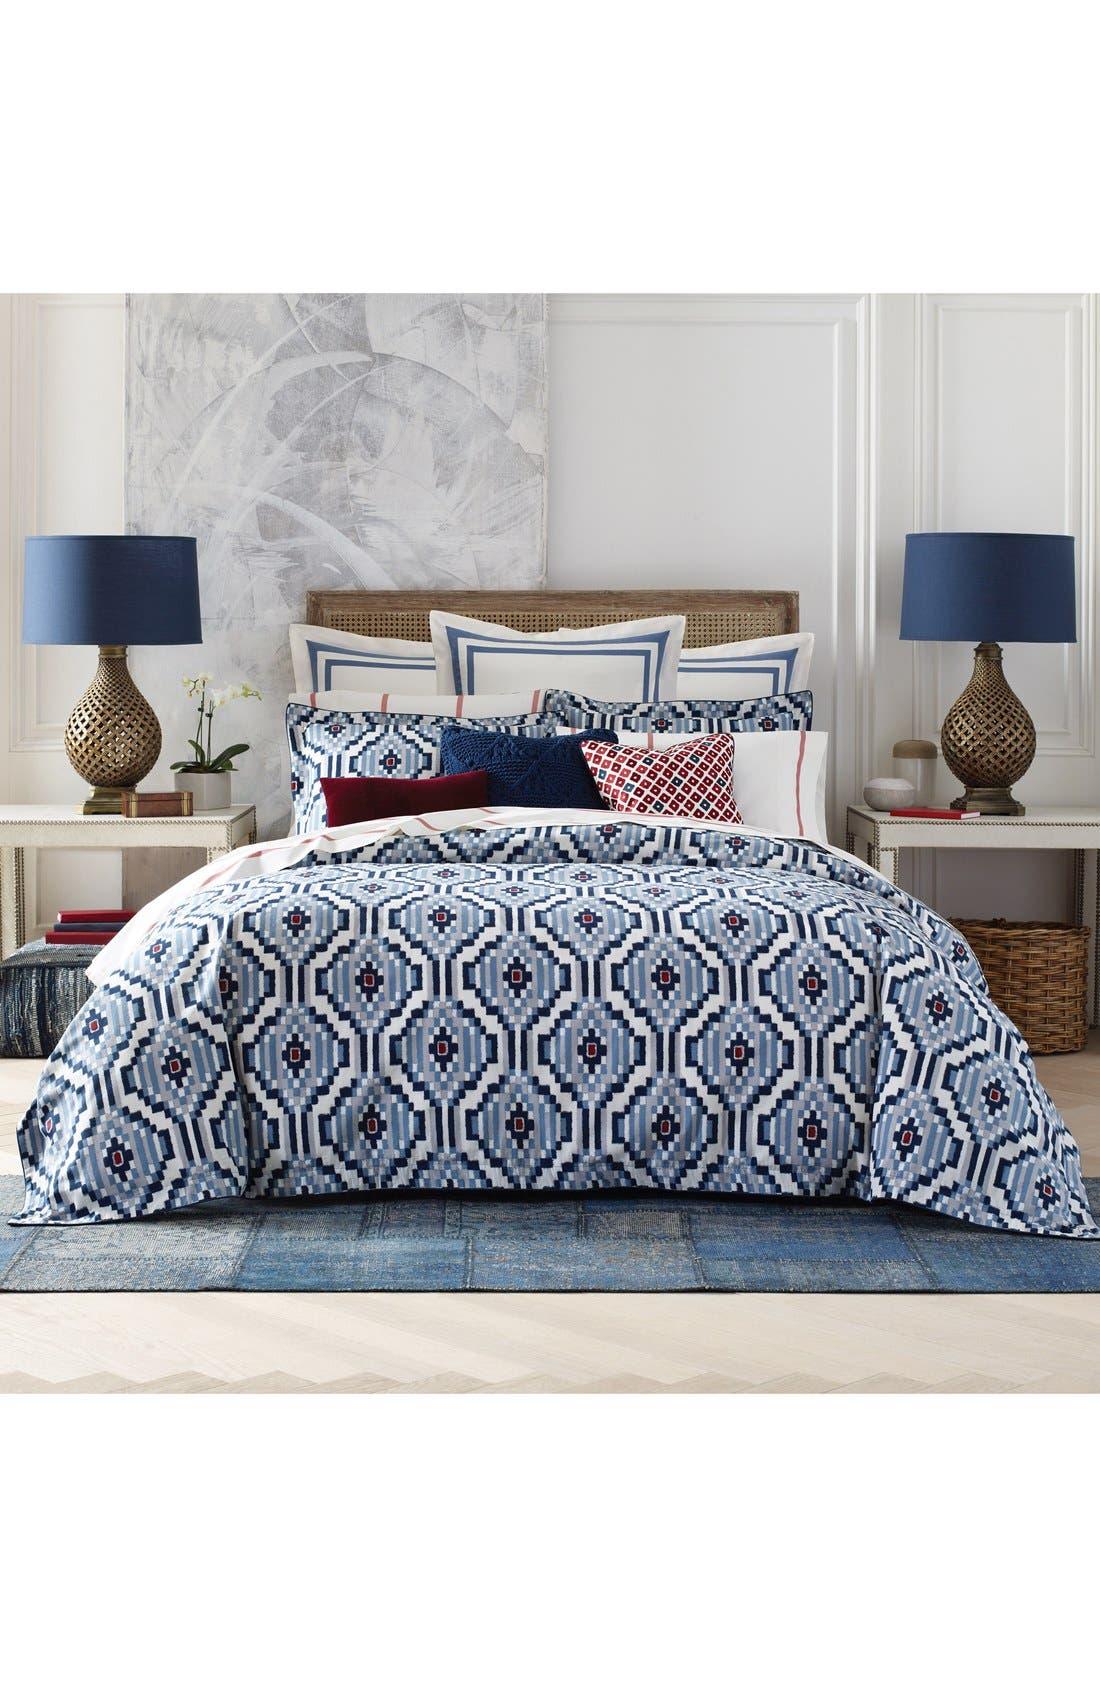 Tommy Hilfiger Ellis Island Comforter & Sham Set